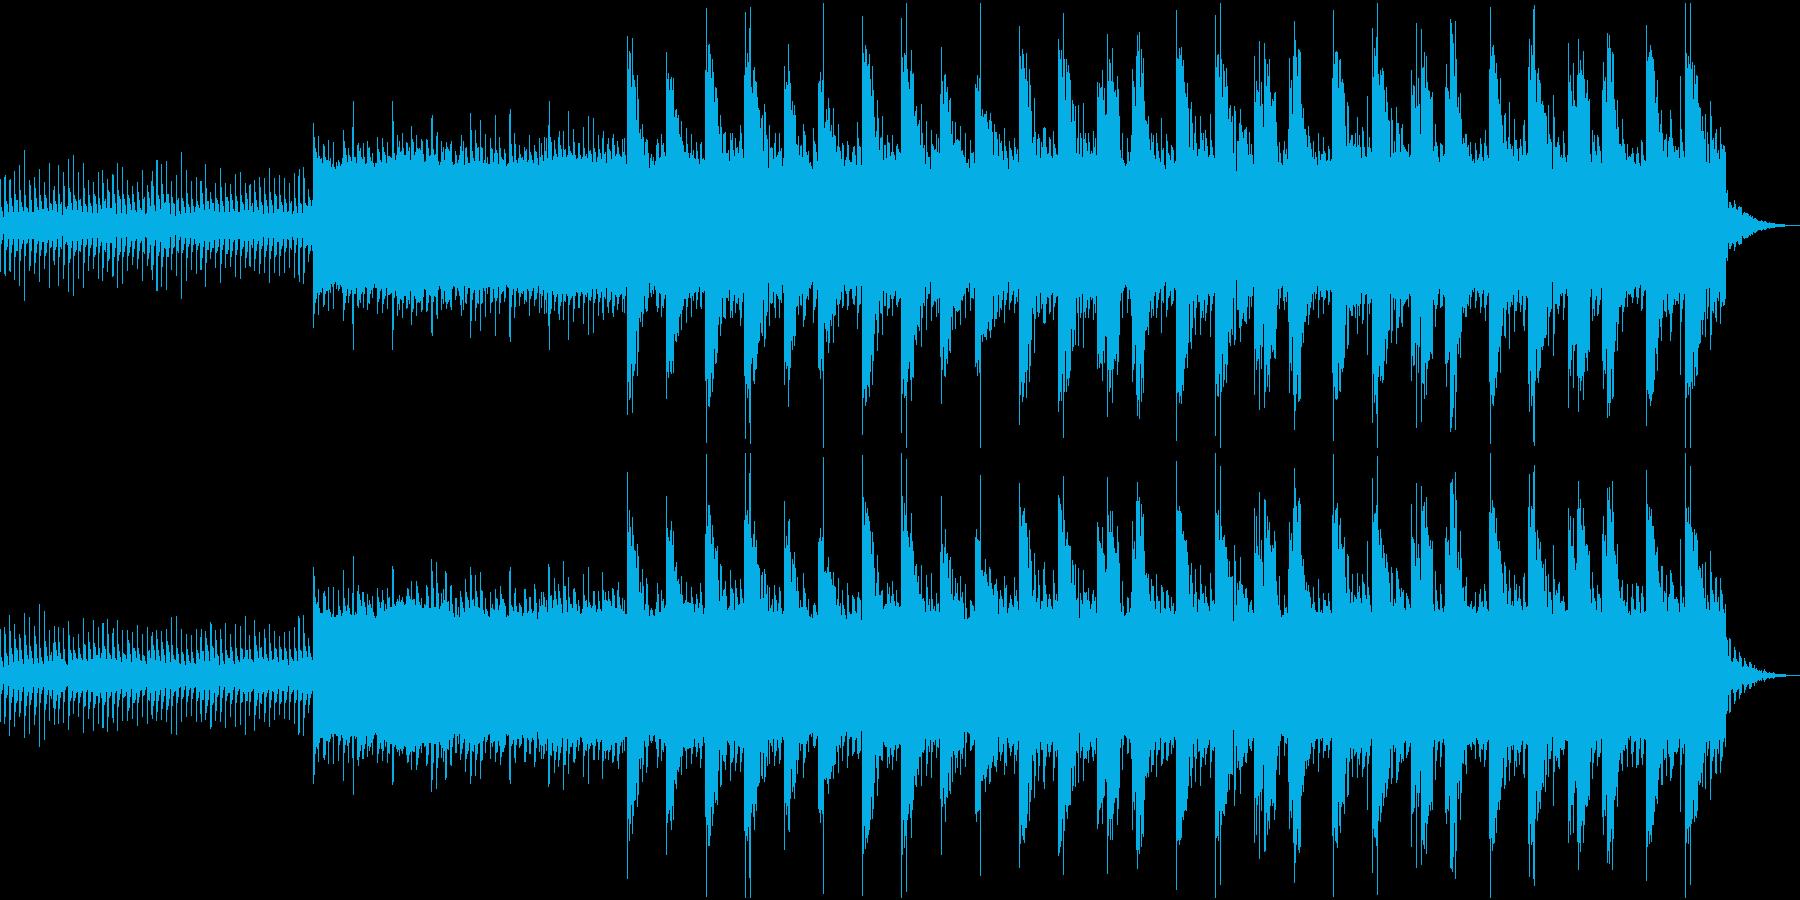 ホラー感のある暗いBGMの再生済みの波形